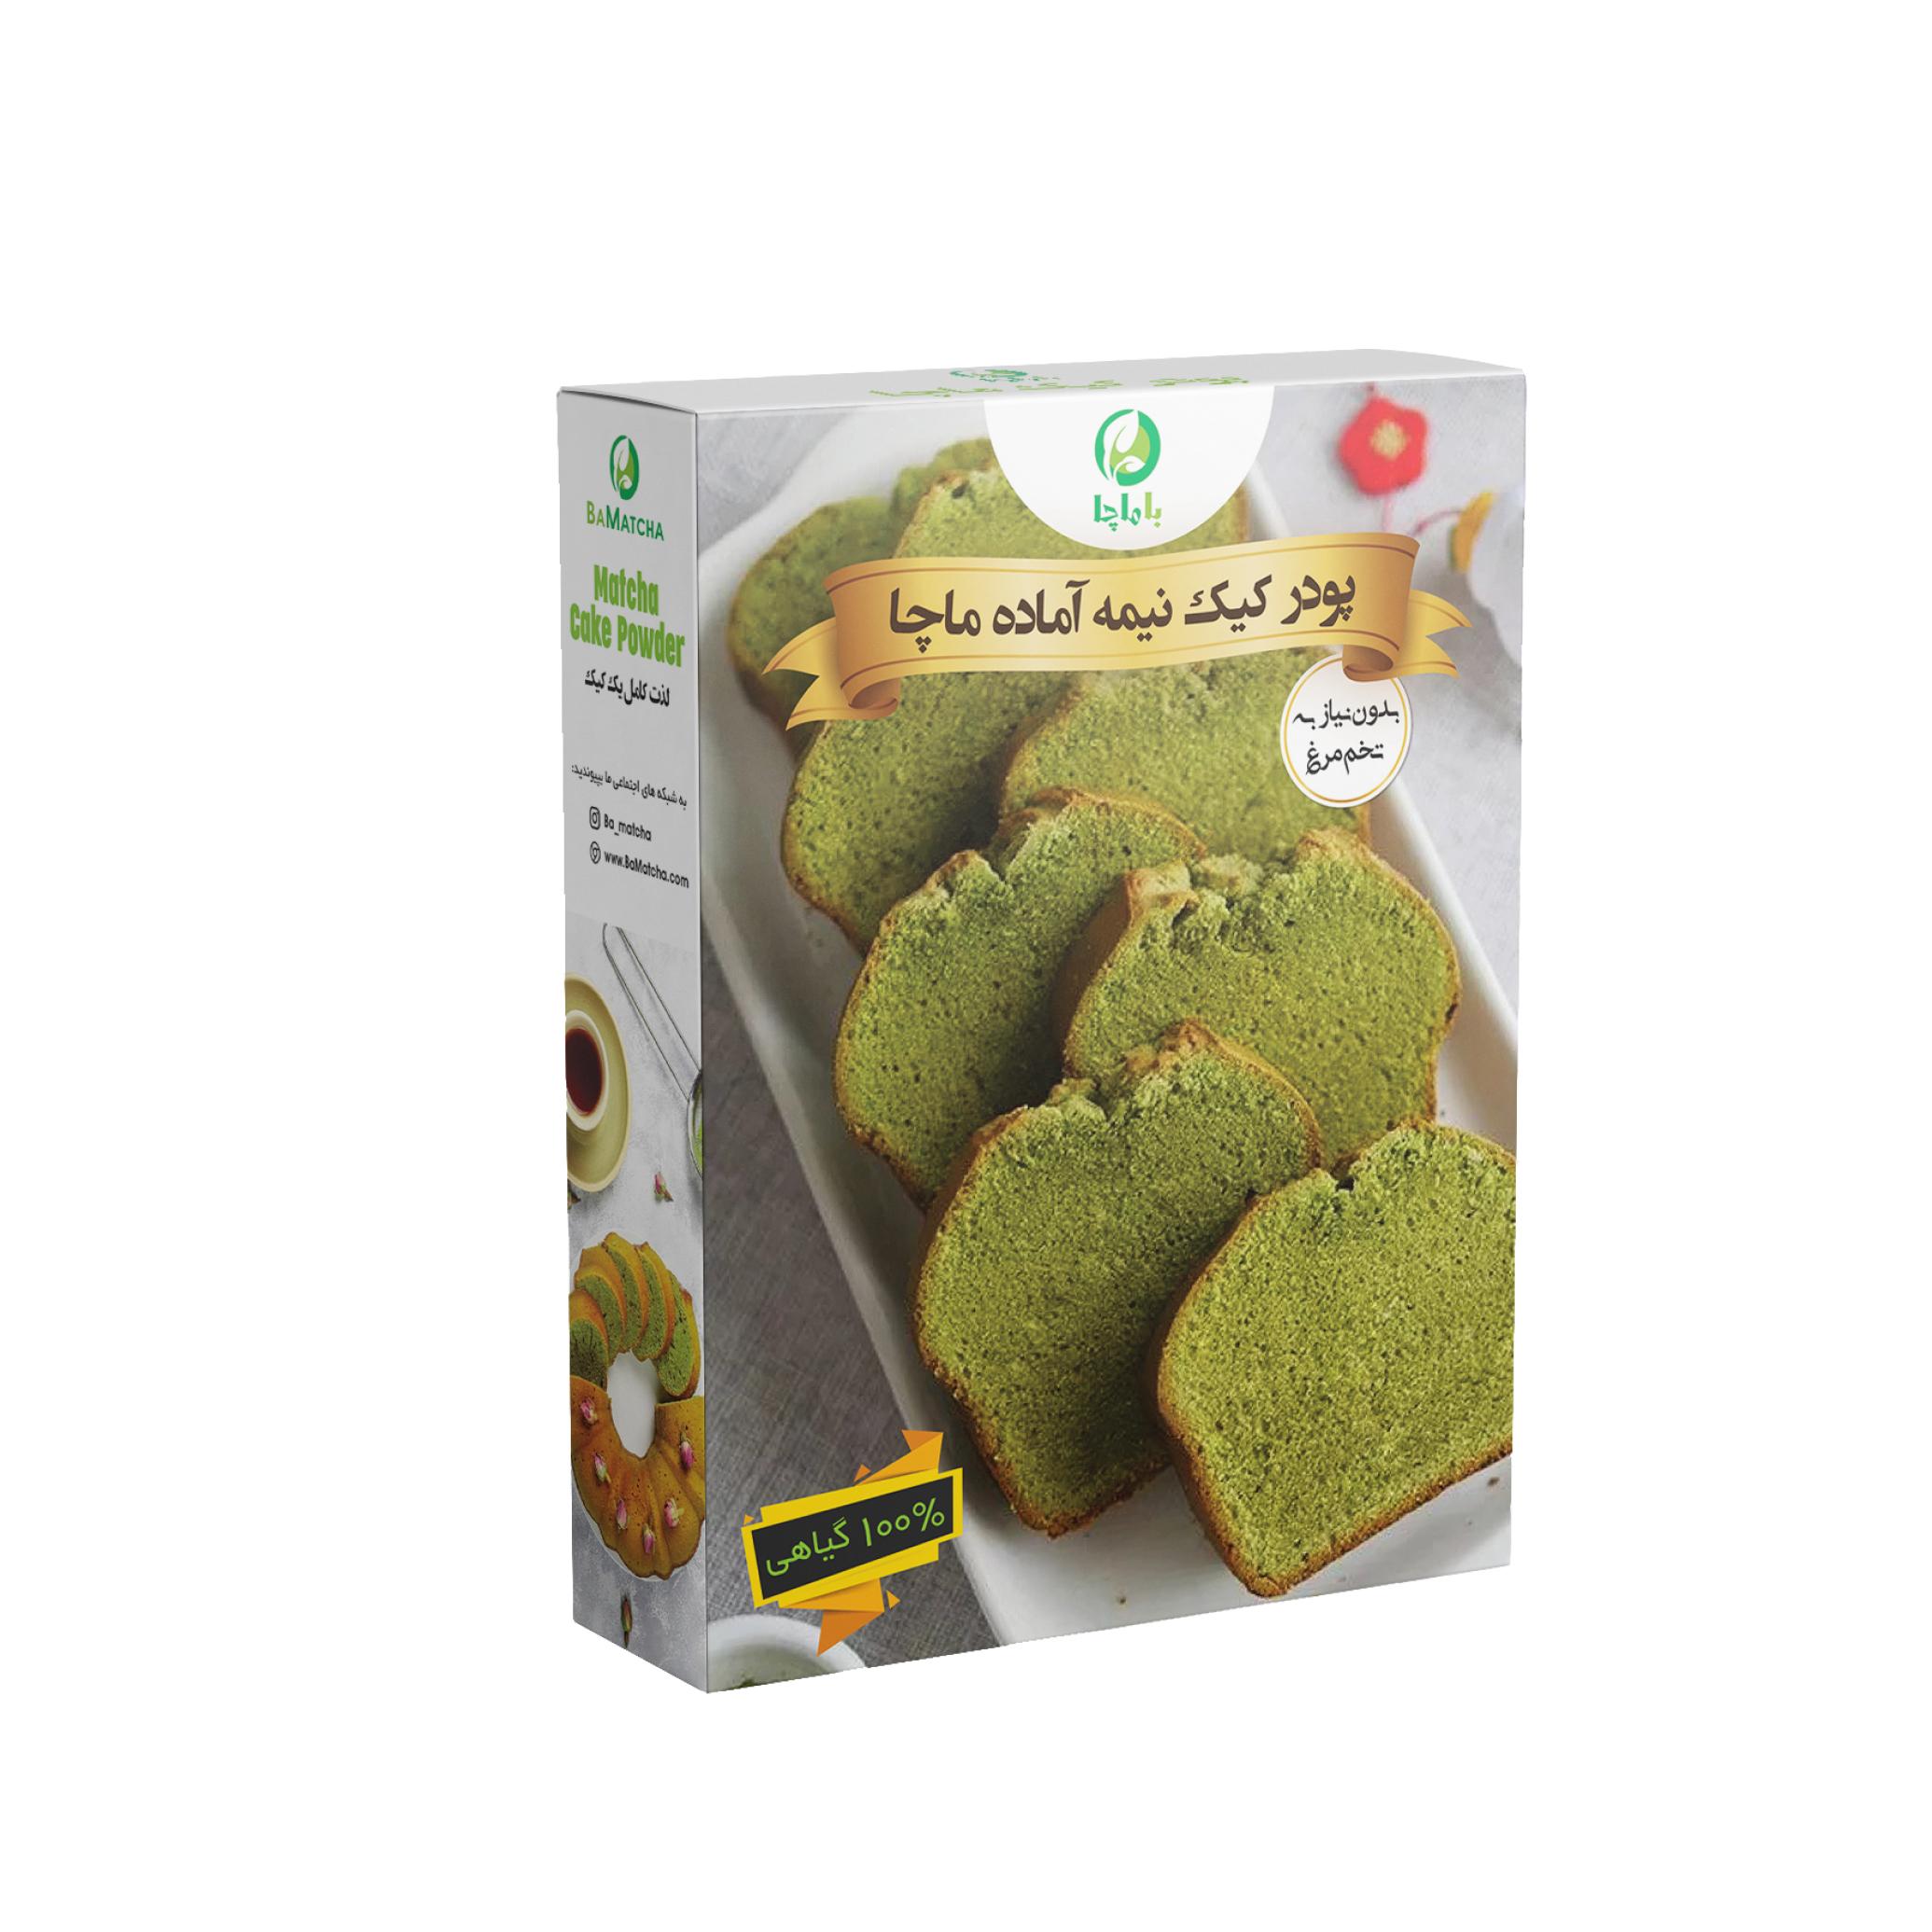 پودر کیک ماچا باماچا